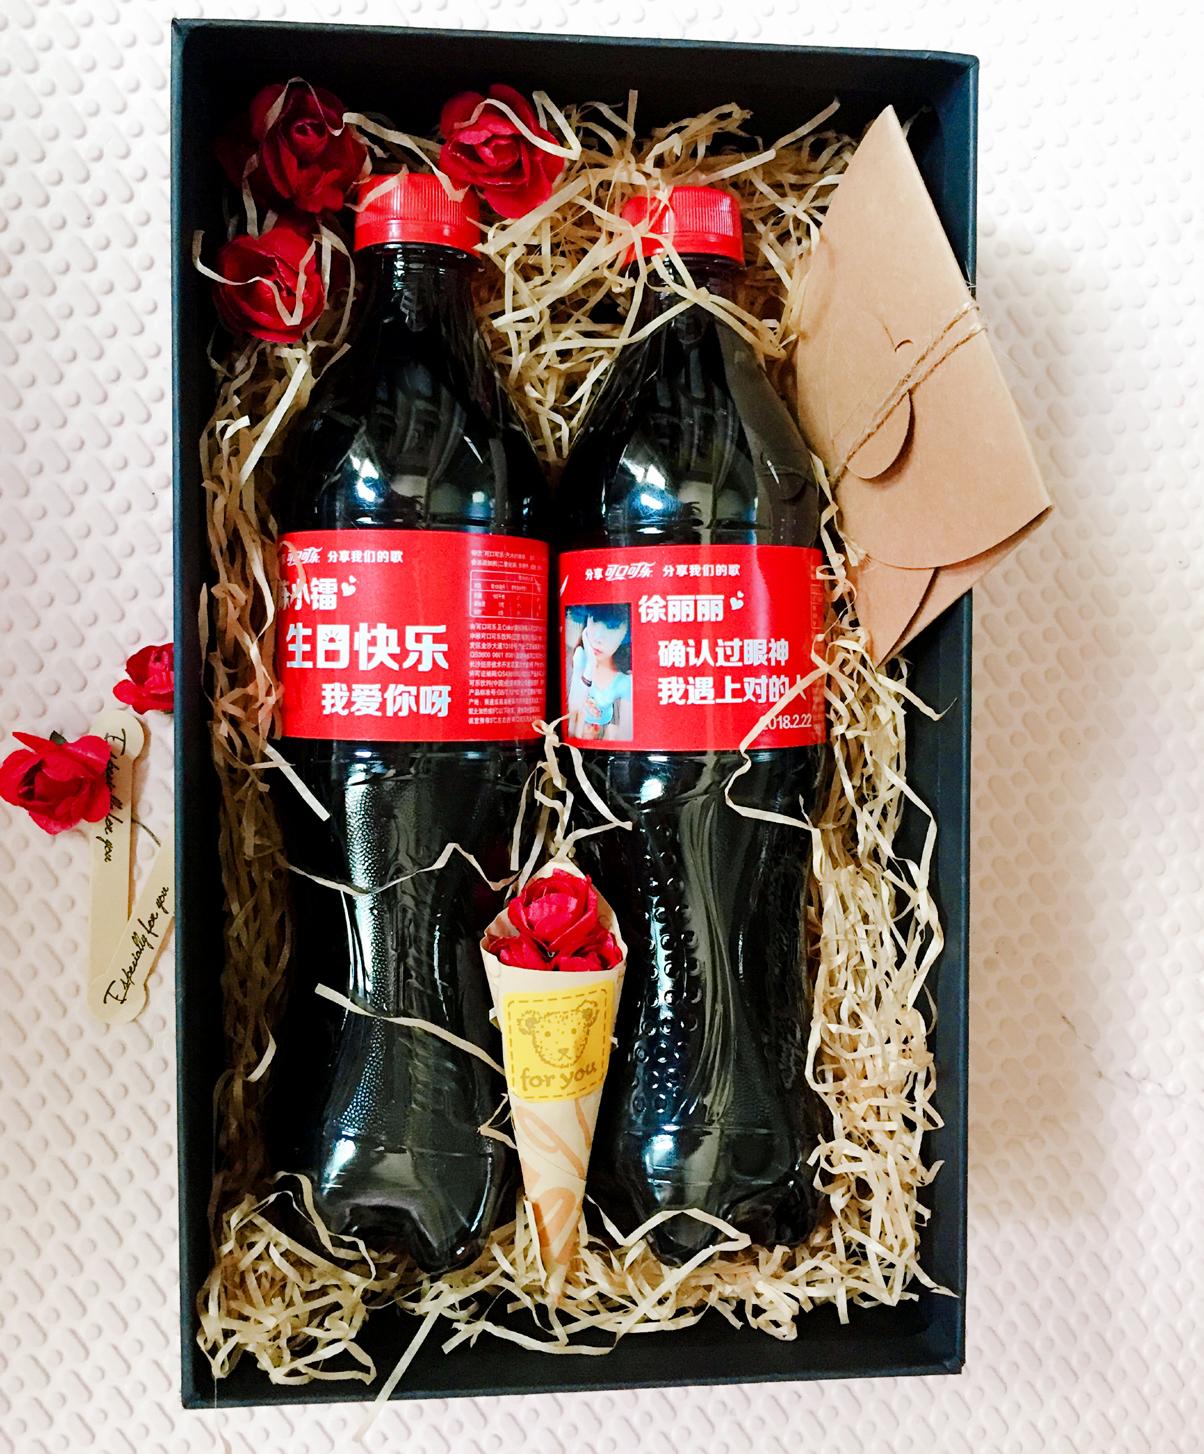 可口可乐定制diy网红可乐歌词瓶生日礼物名字文字照片 2瓶礼盒装